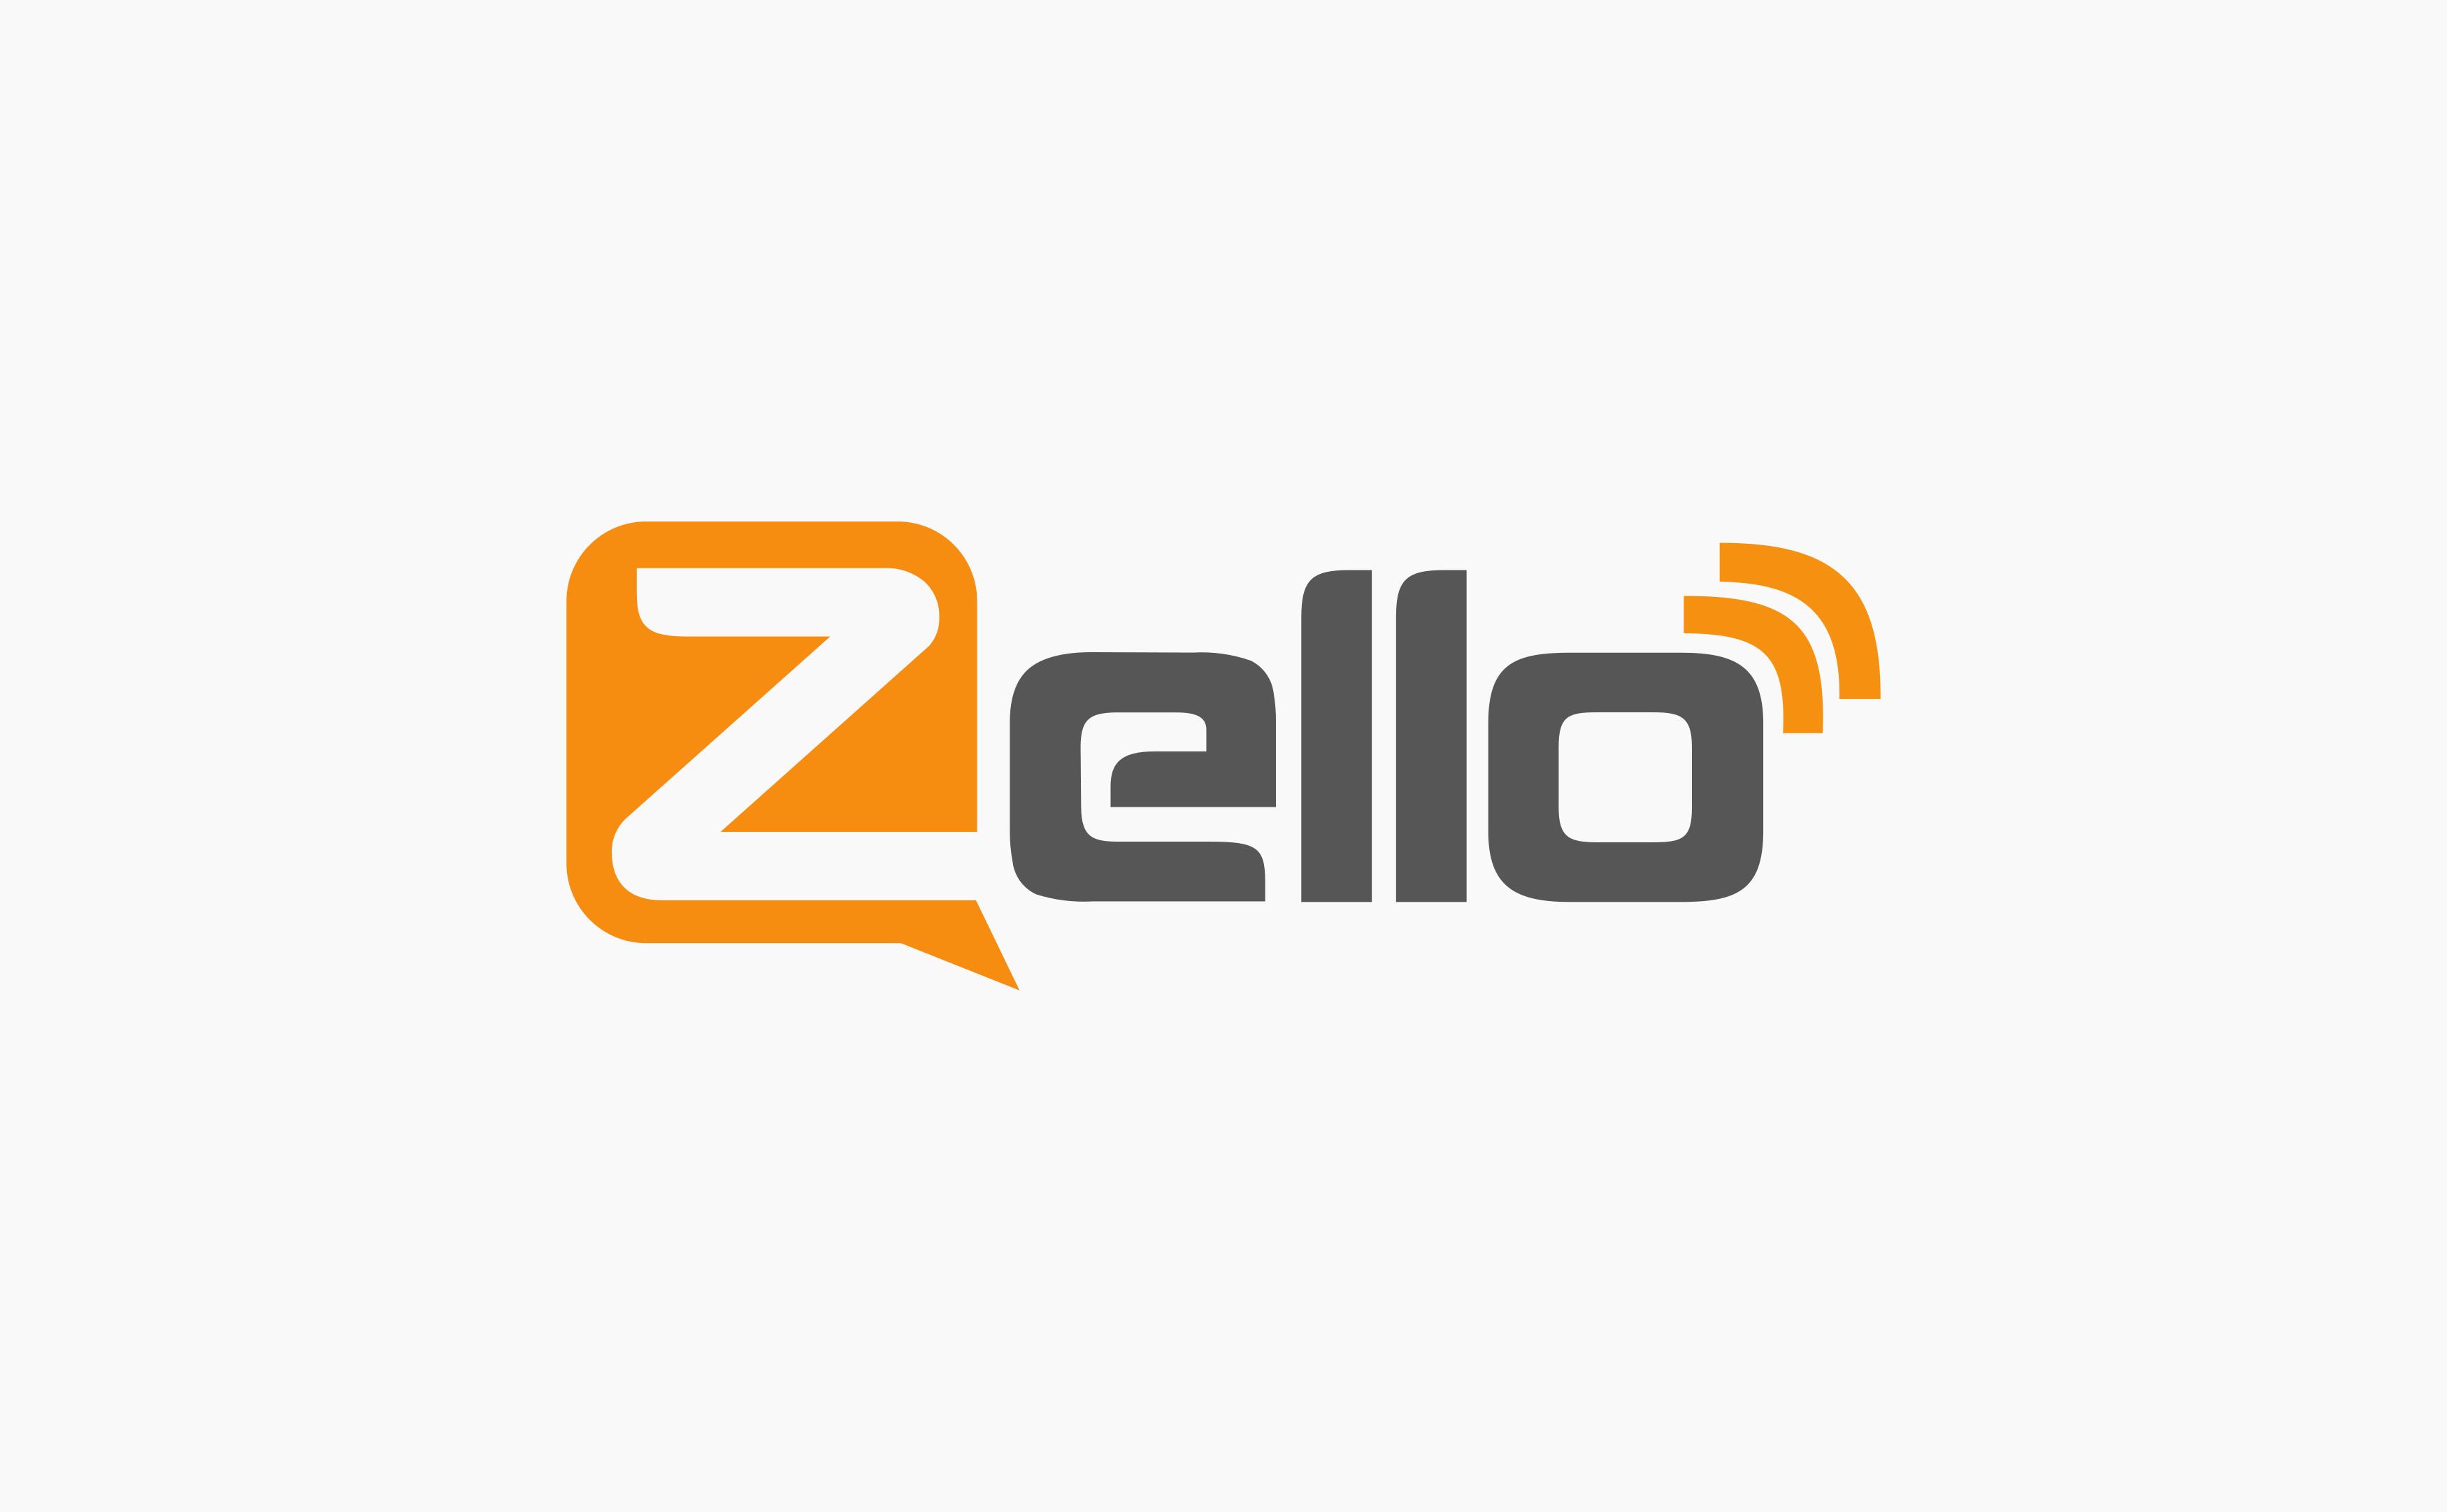 zello logo 0 - Zello Logo